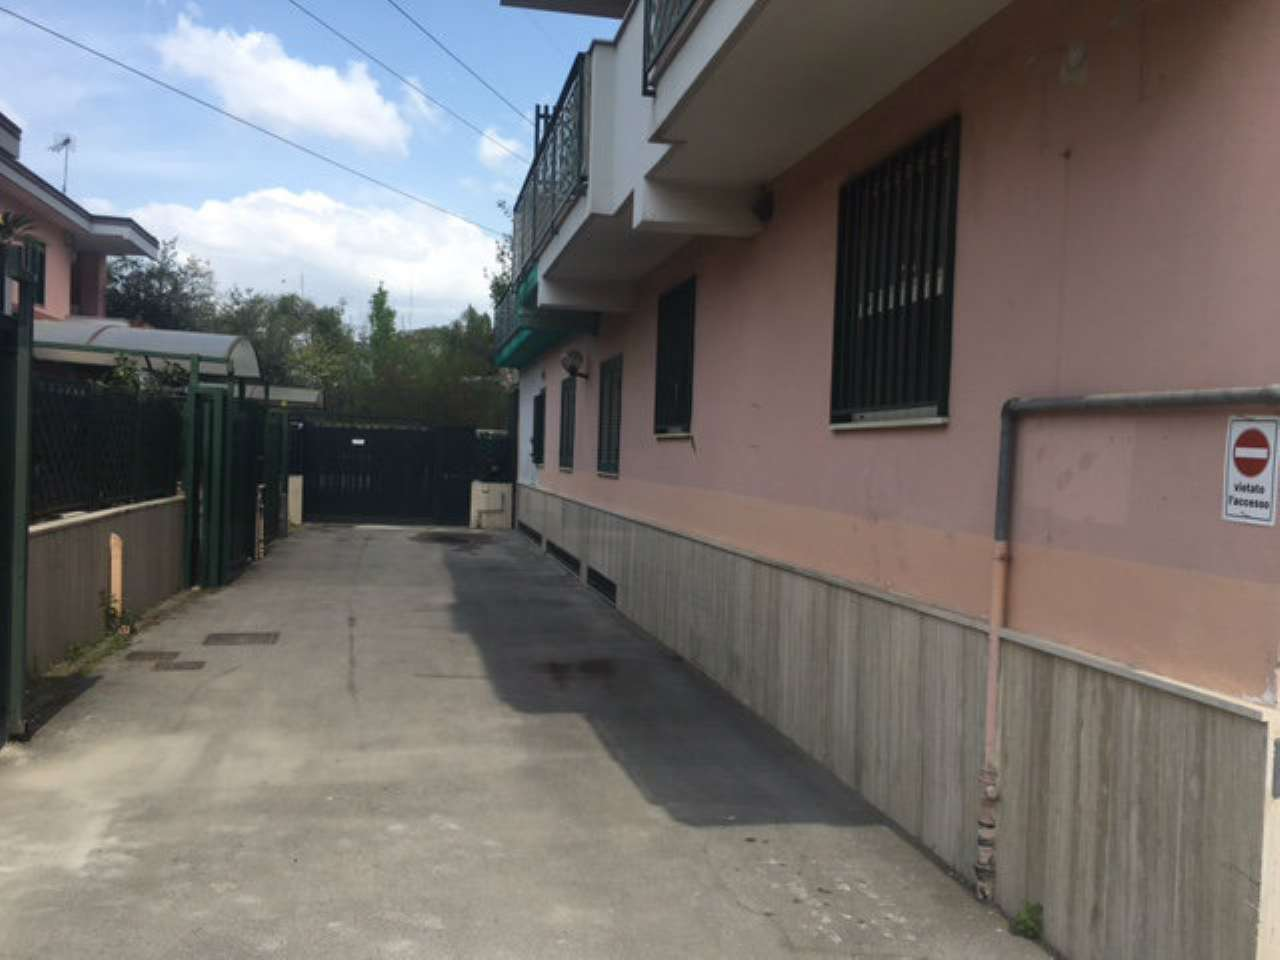 Negozio / Locale in vendita a Melito di Napoli, 5 locali, prezzo € 150.000 | Cambio Casa.it